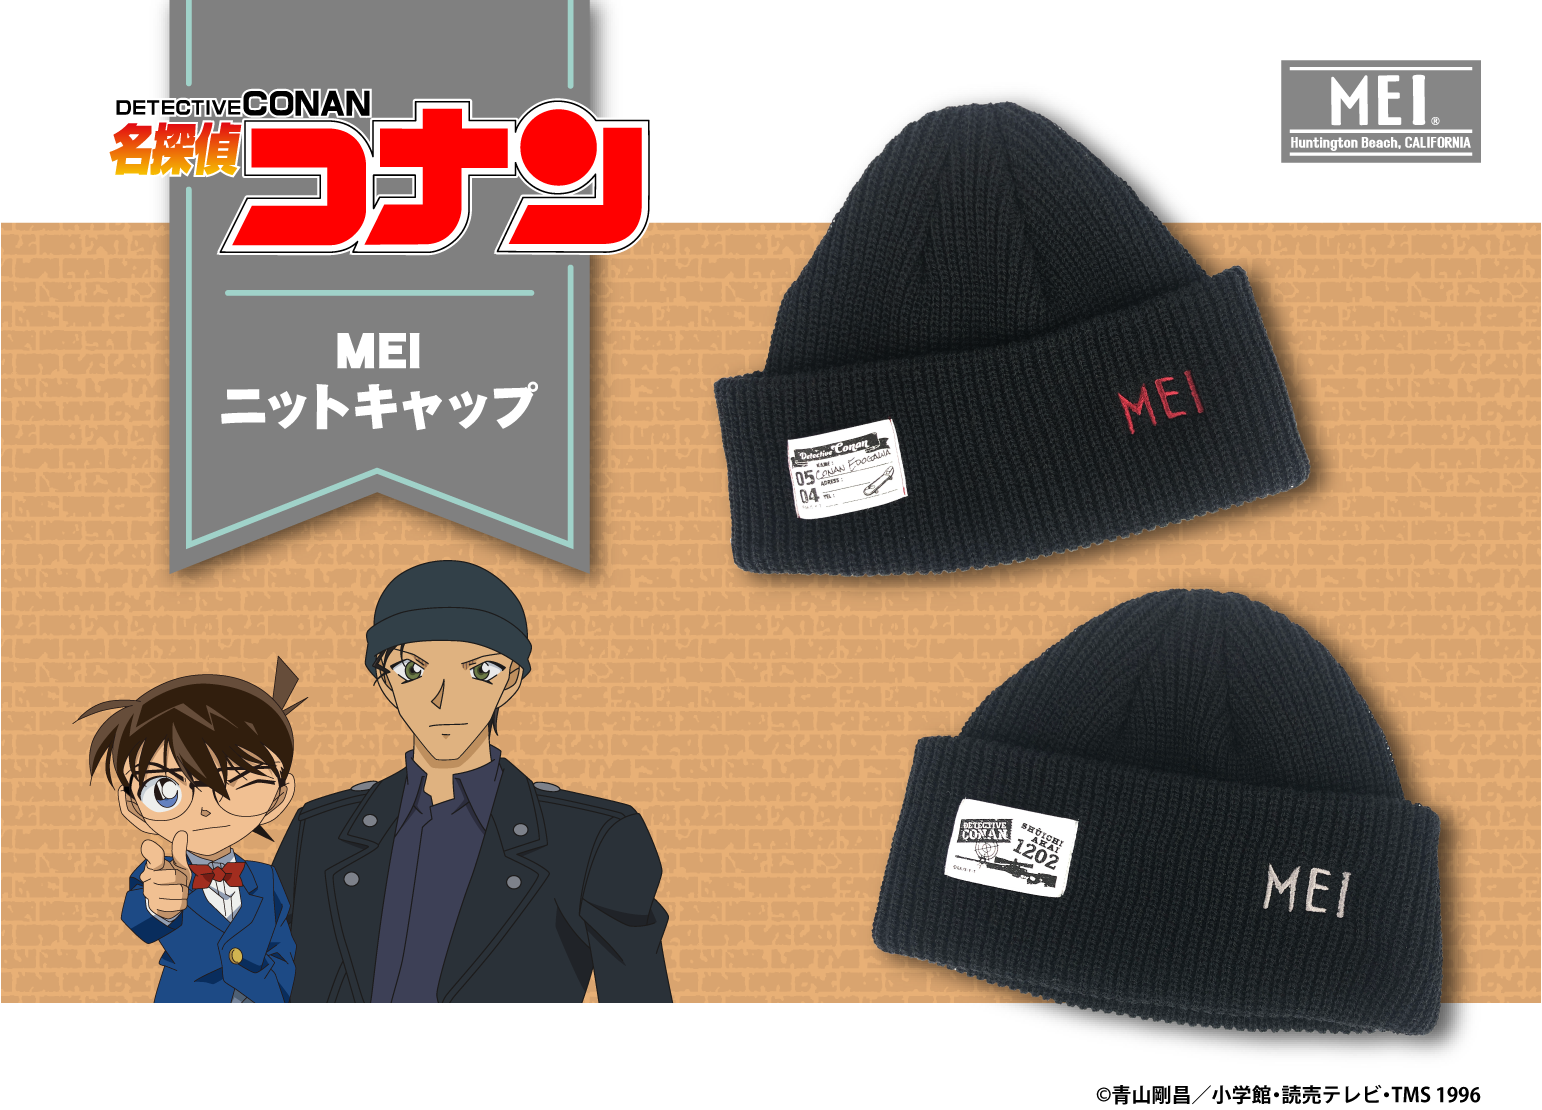 【名探偵コナン】江戸川コナンと赤井秀 一のニットキャップ / MEIが新発売!